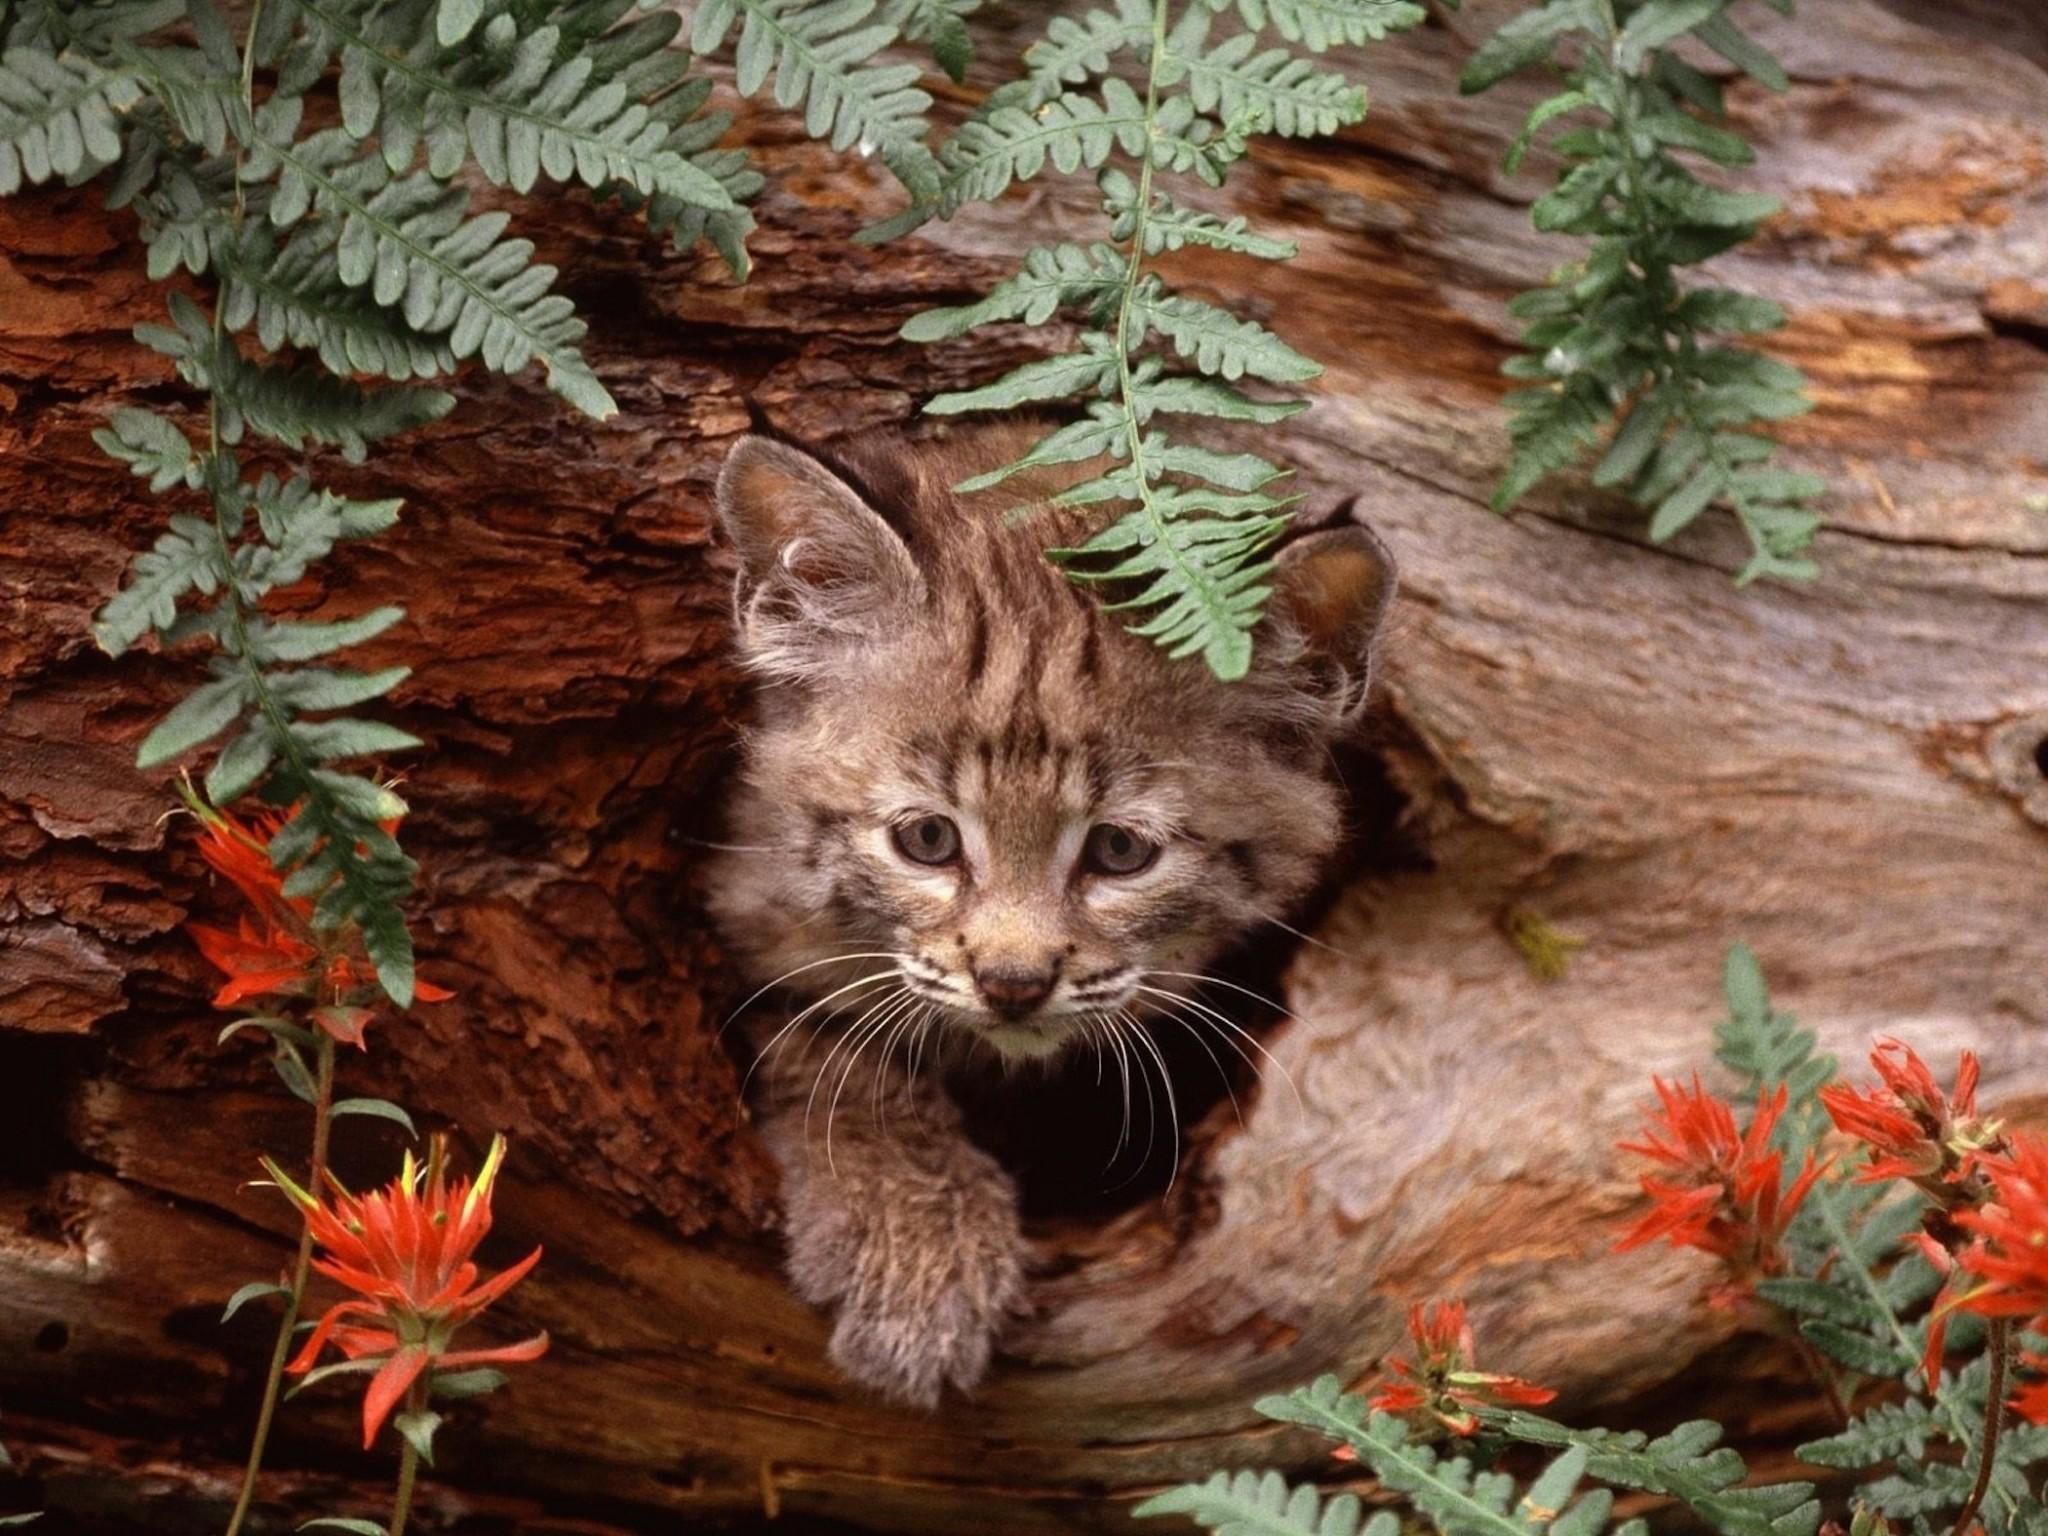 Fall Kittens Wallpaper Bobcat Kitten Hiding Wallpaper Free Downloads